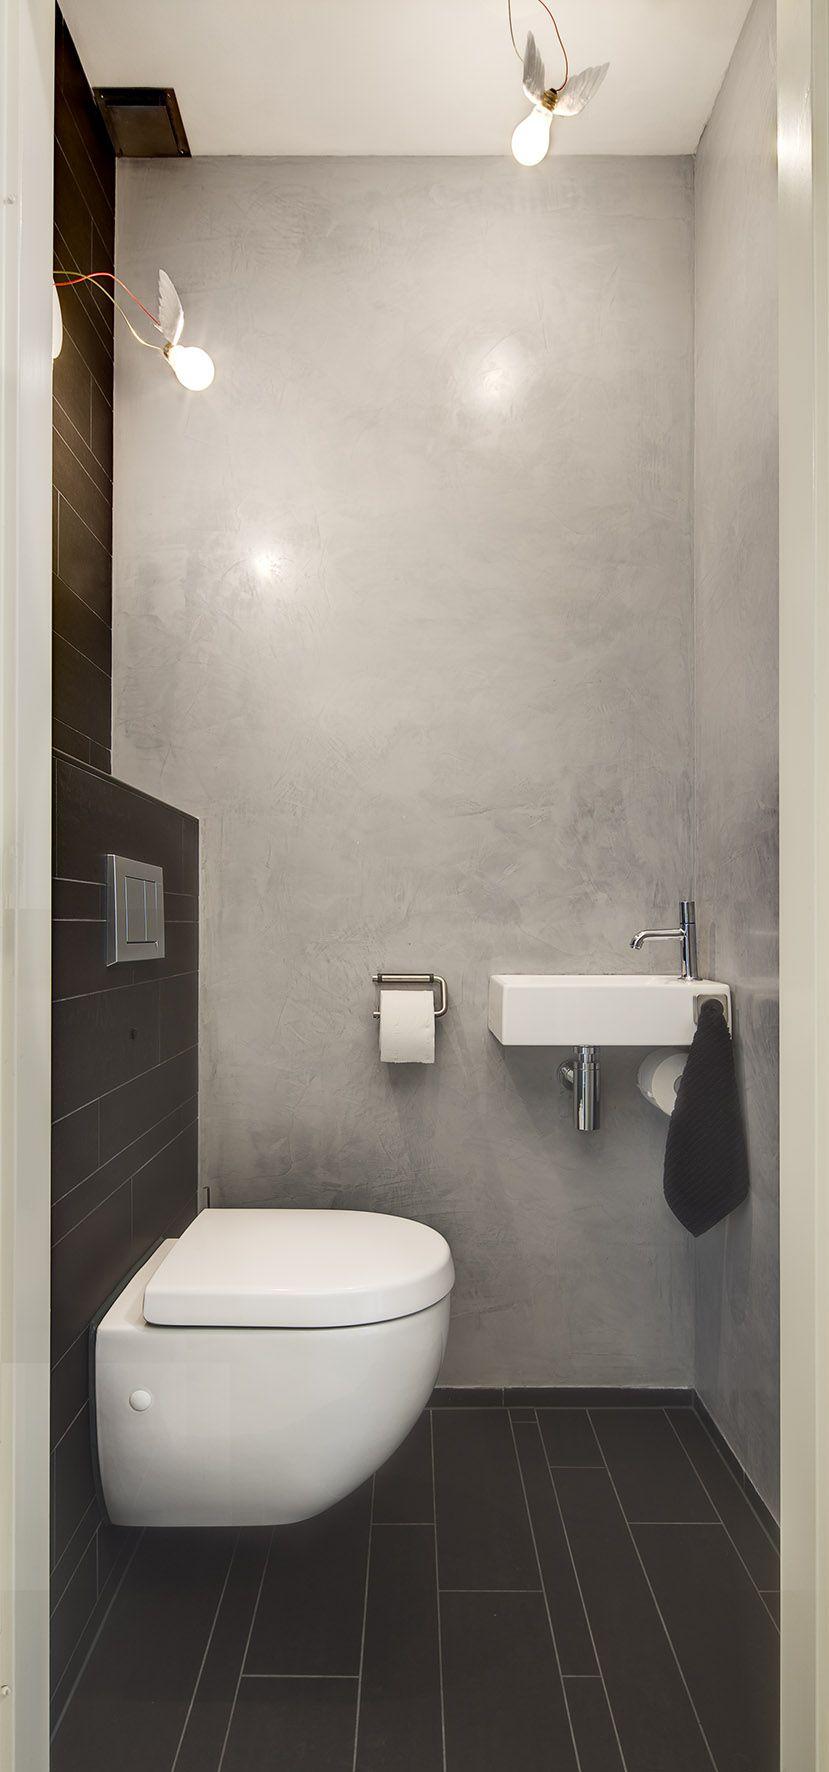 Kleines gäste wc mit wand wc compact und kleinem handwaschbecken fliesen zum beispiel enmon